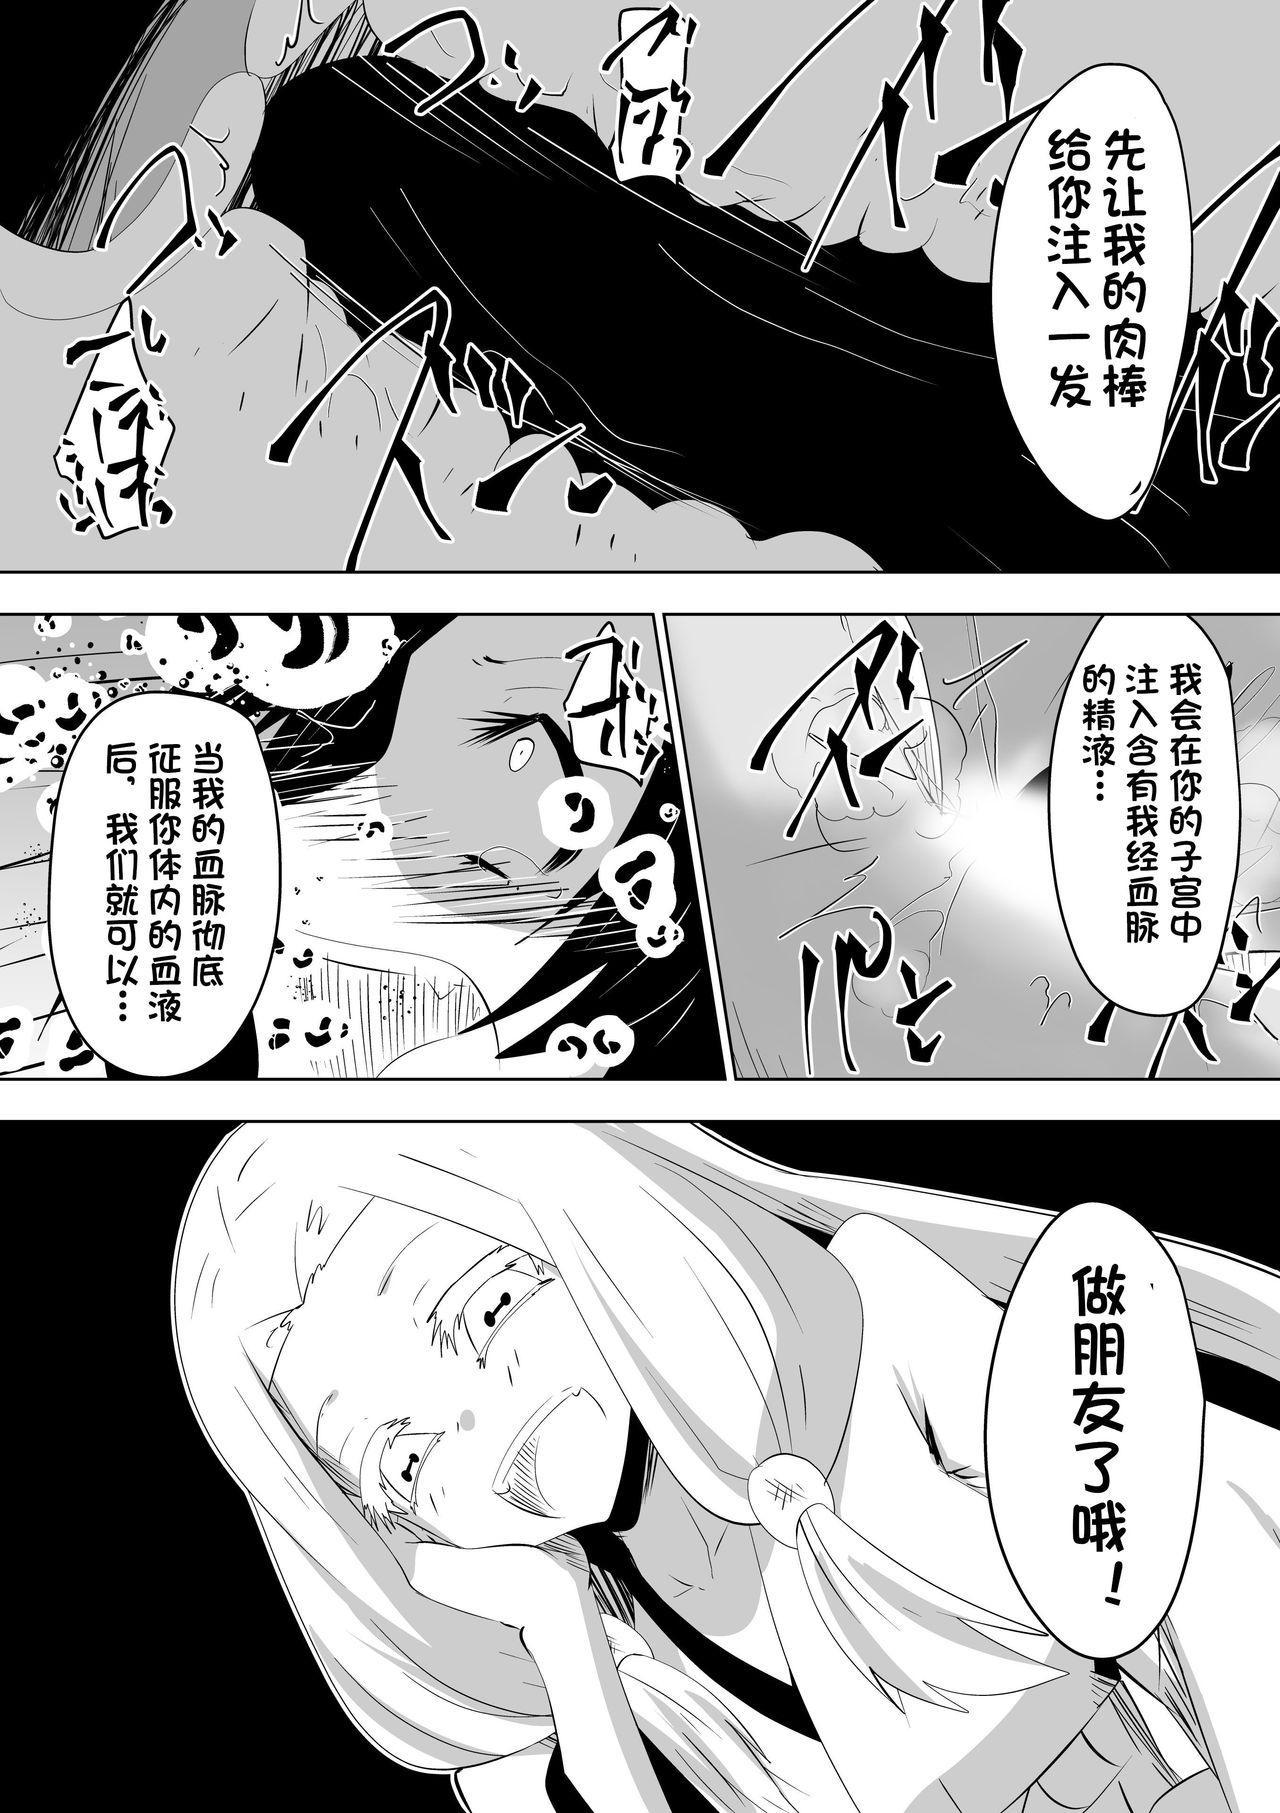 Hametsu no Shinobu 28